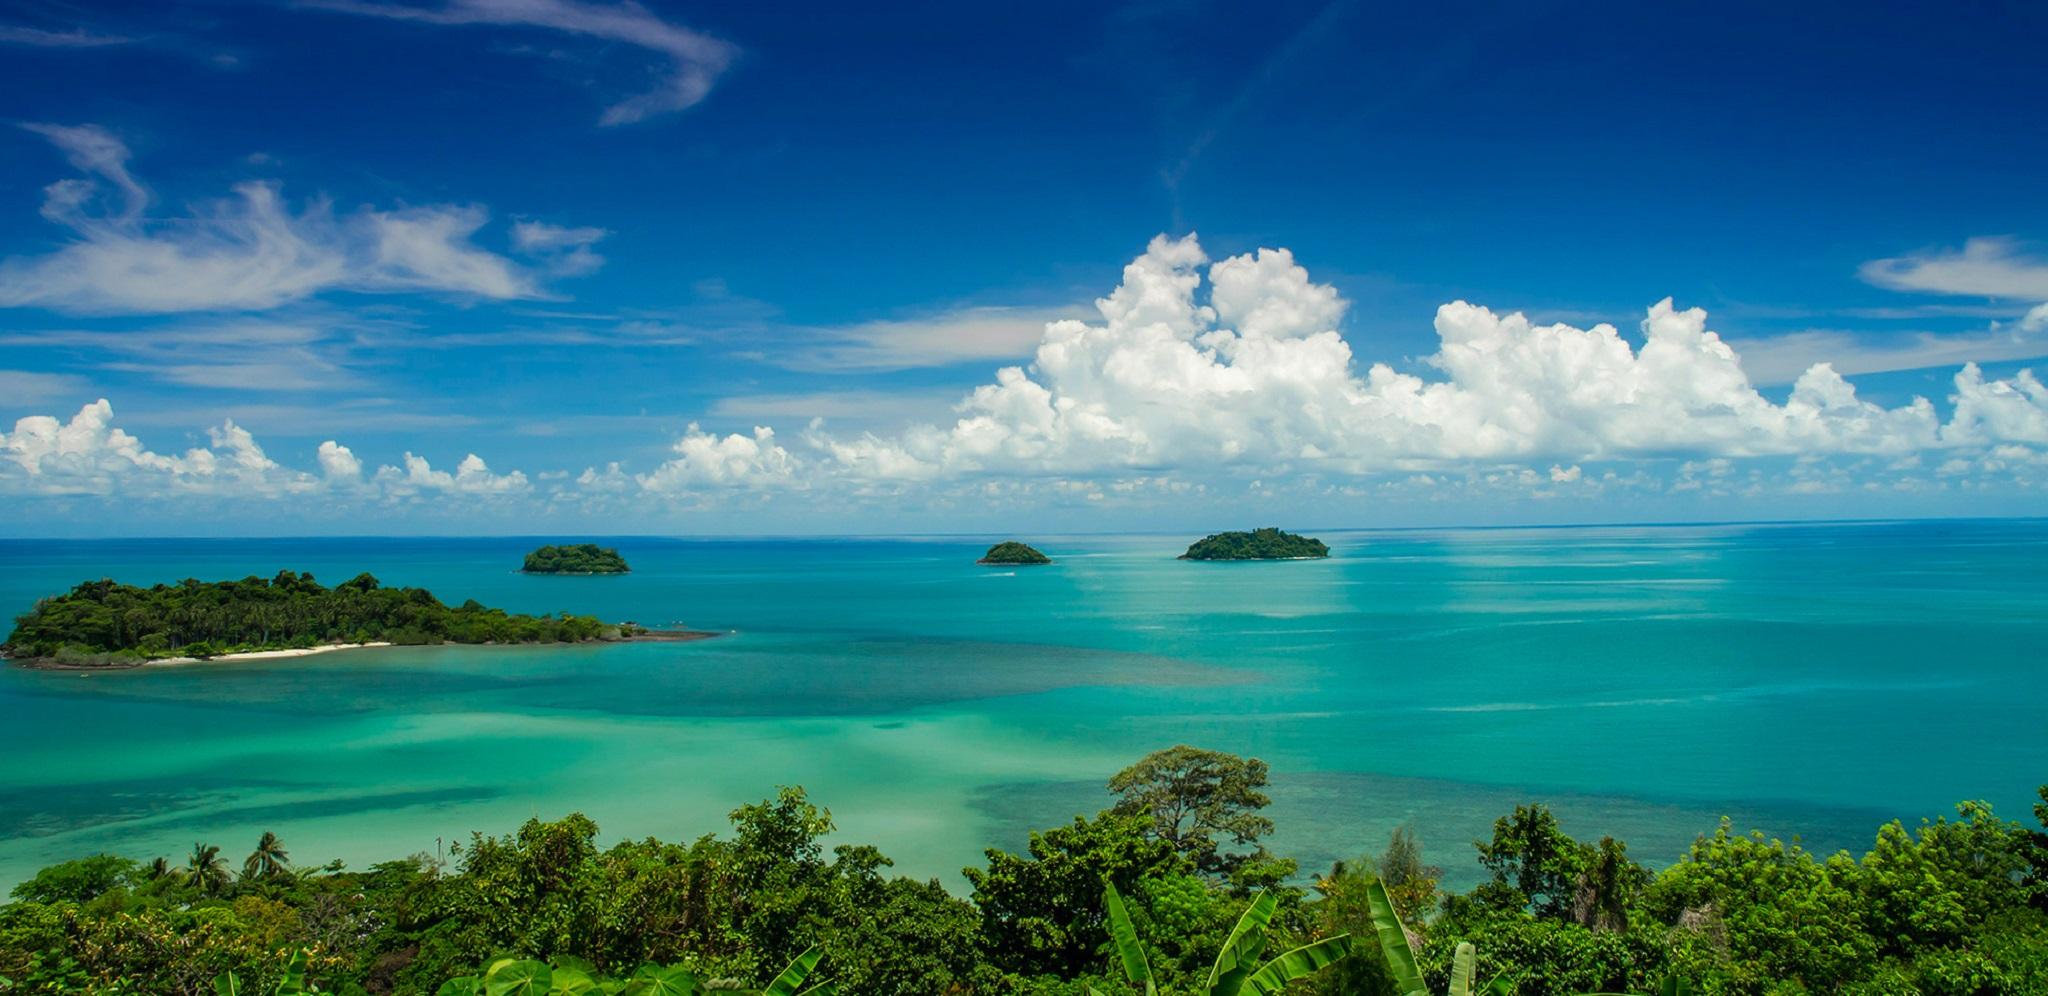 Sea View Resort & Spa Koh Chang, K. Ko Chang